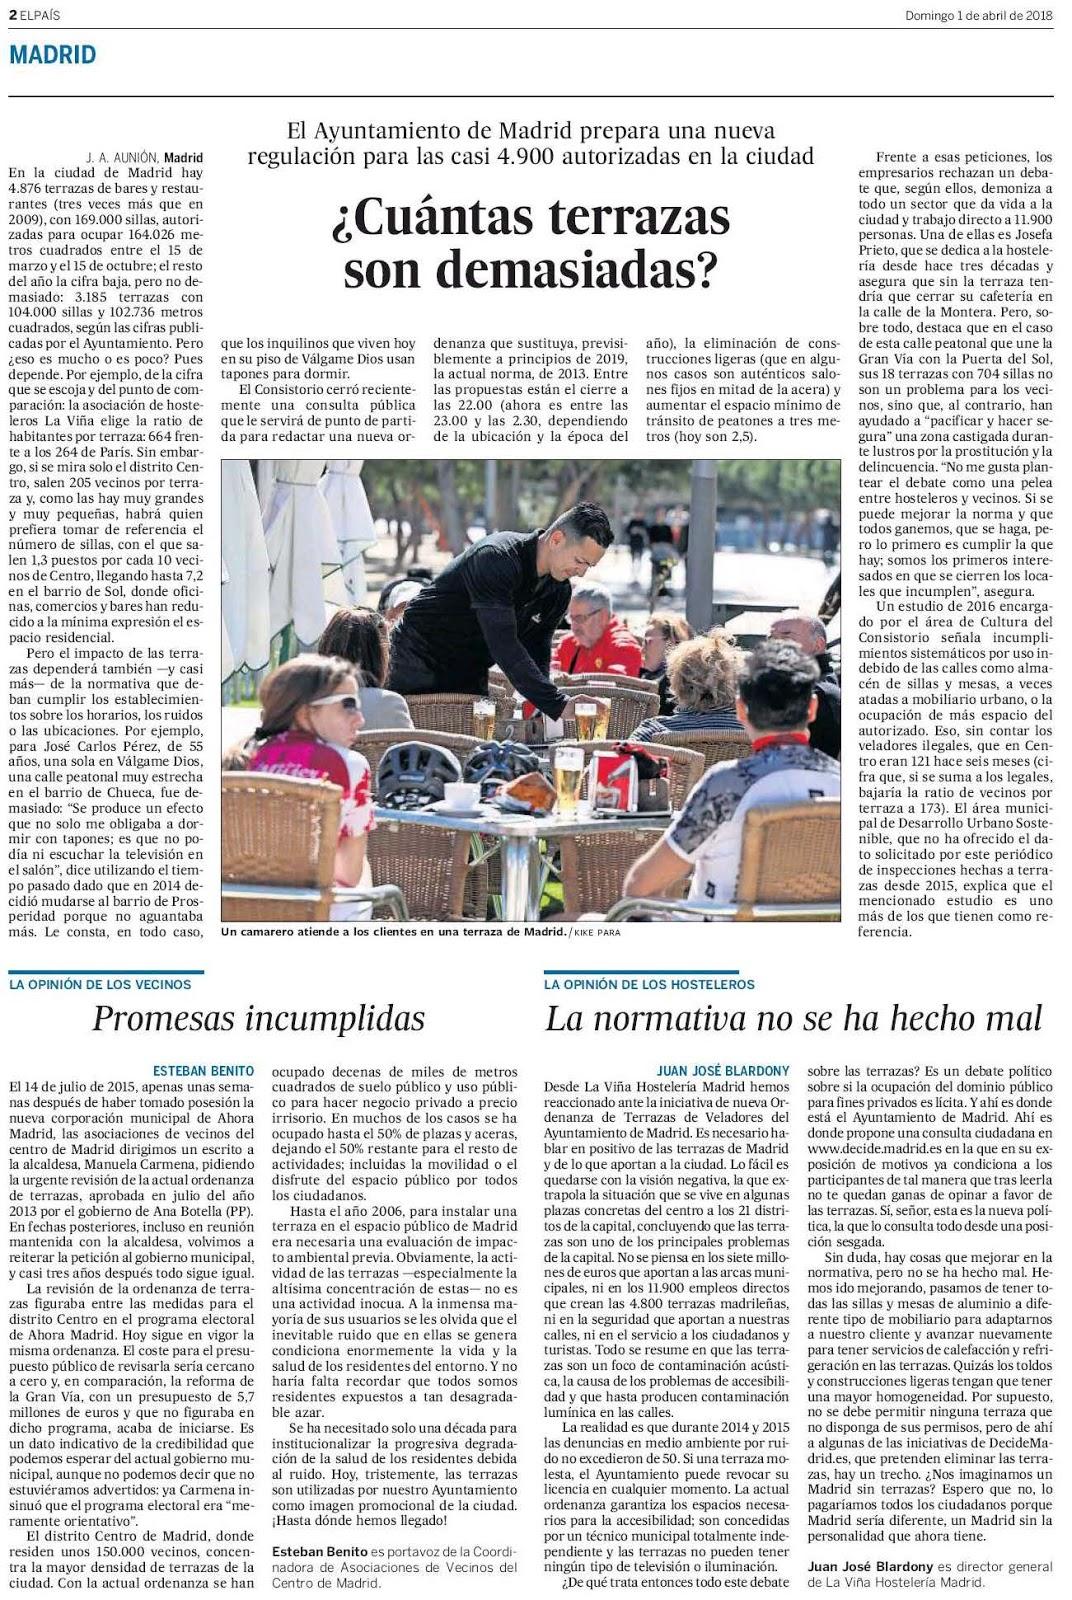 Asociación De Vecinos De Chueca Artículo En El Diario El